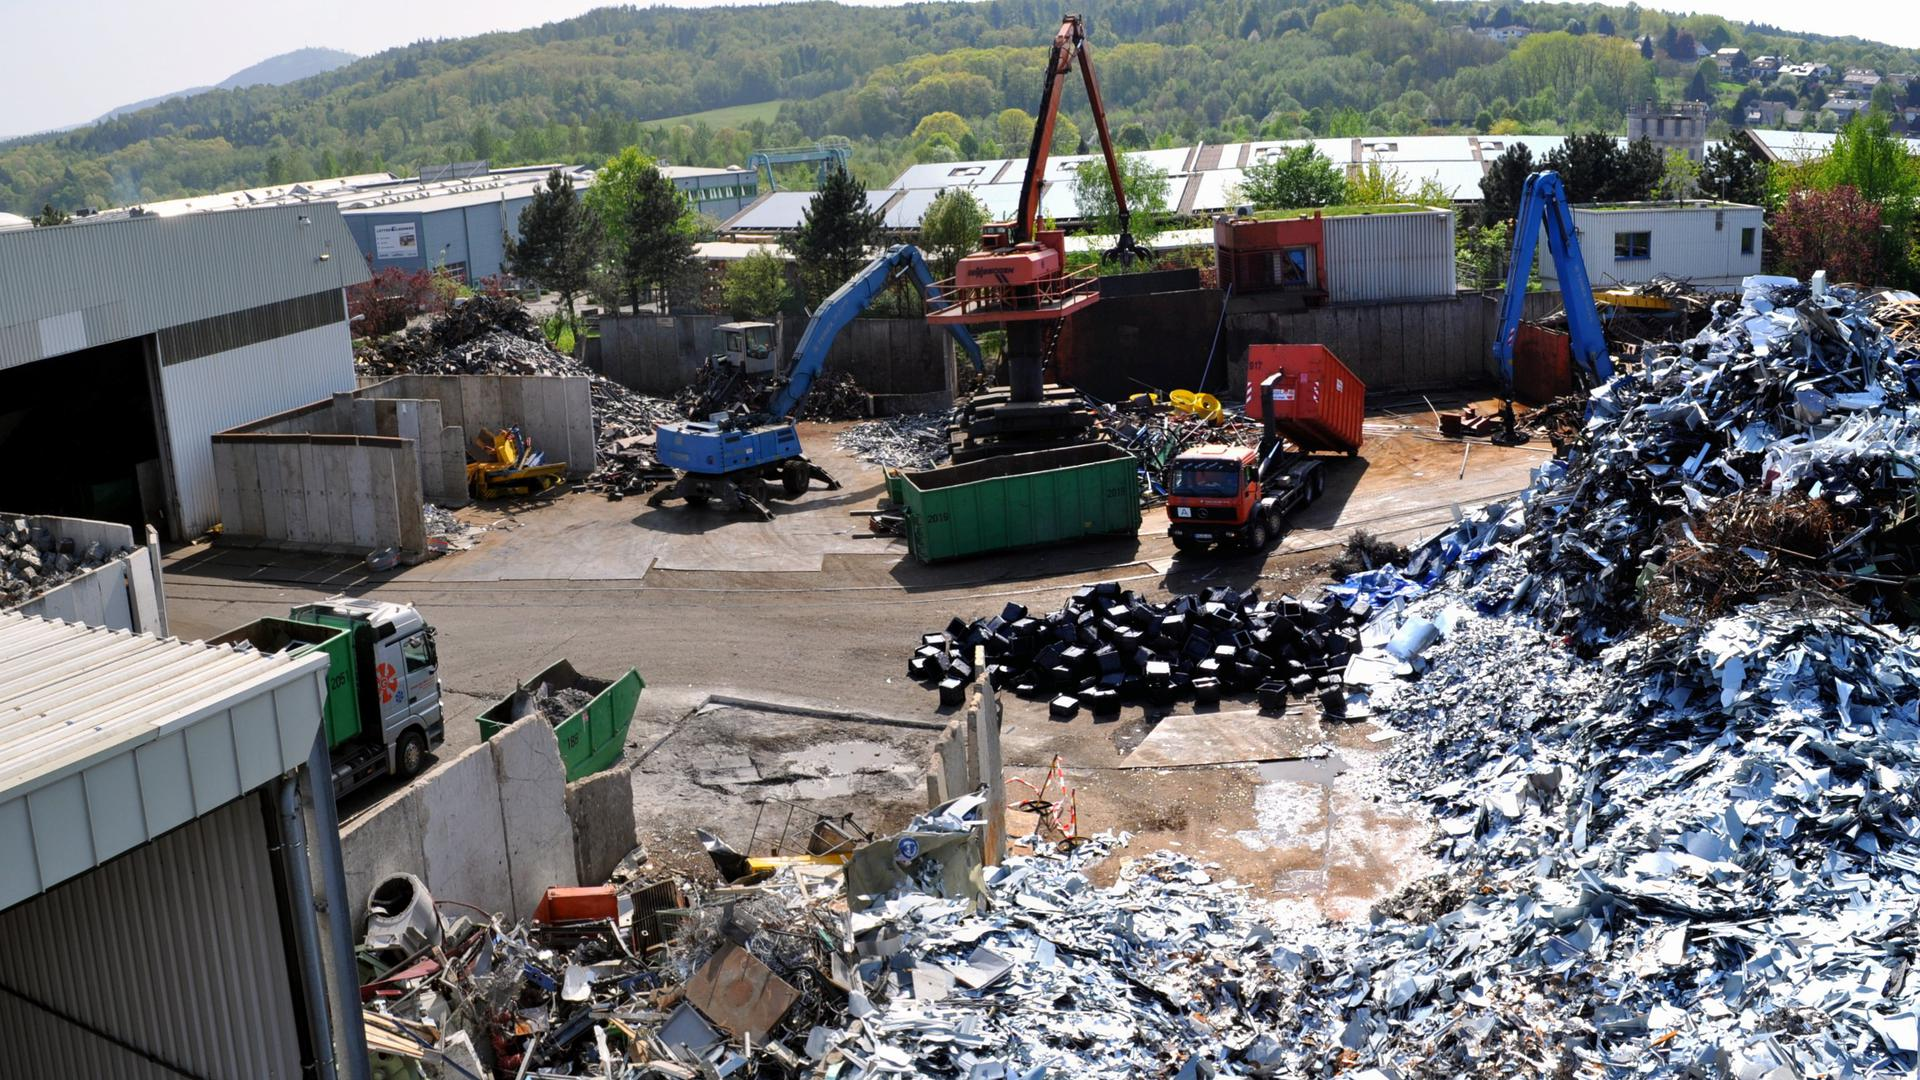 Recycling Lang Gaggenau Bad Rotenfels